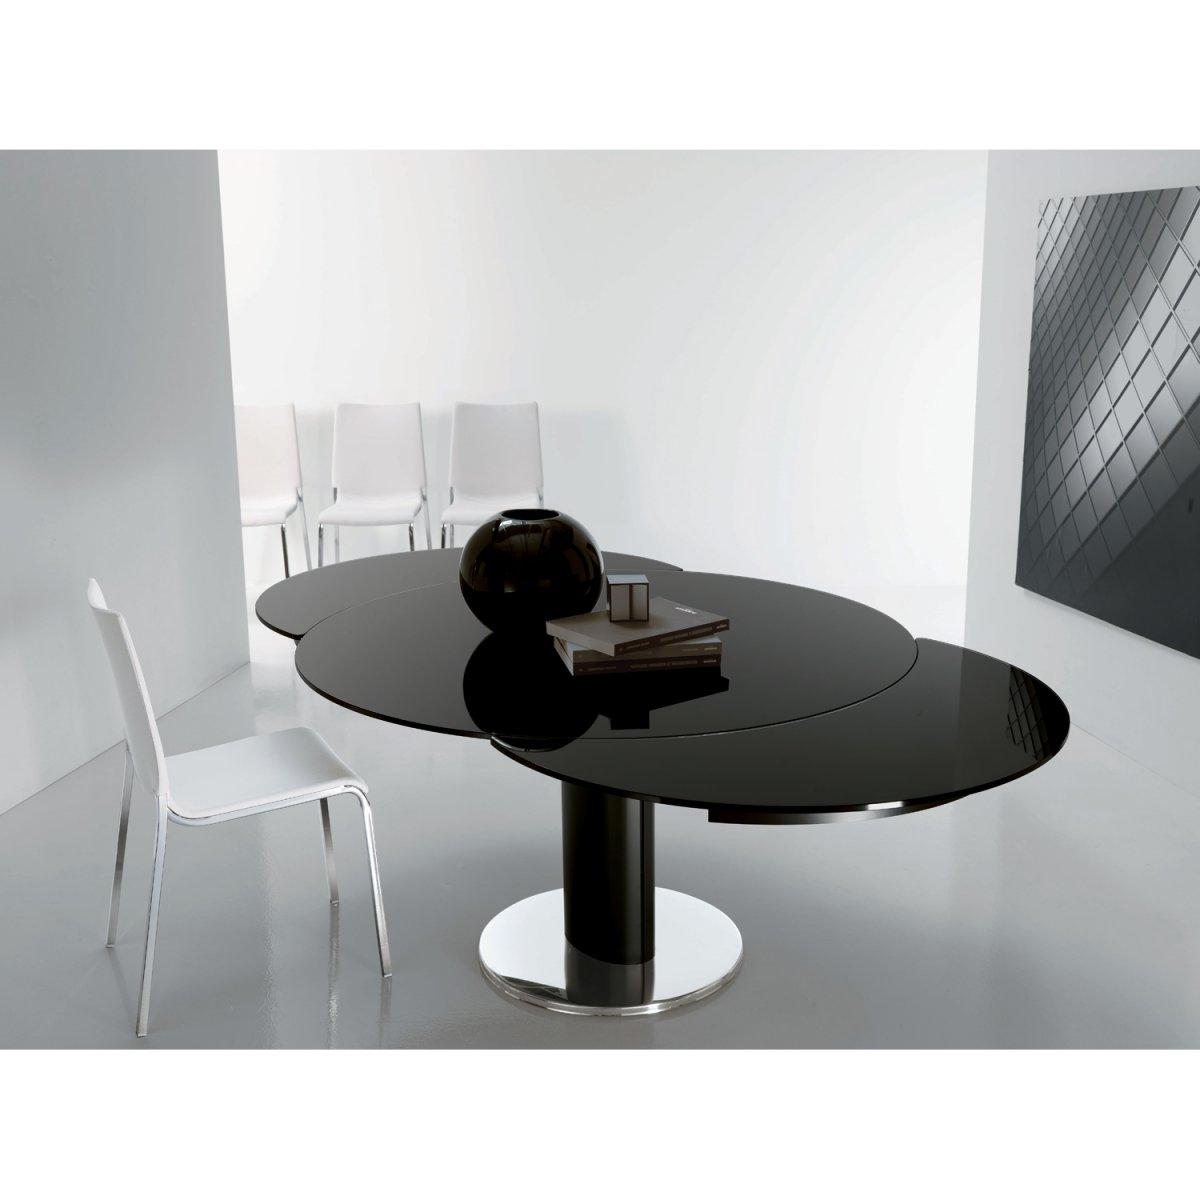 Tavoli Rotondi In Cristallo Design.Bontempi Casa Tavolo Giro Allungabile Rotondo Vetro Laccato 130